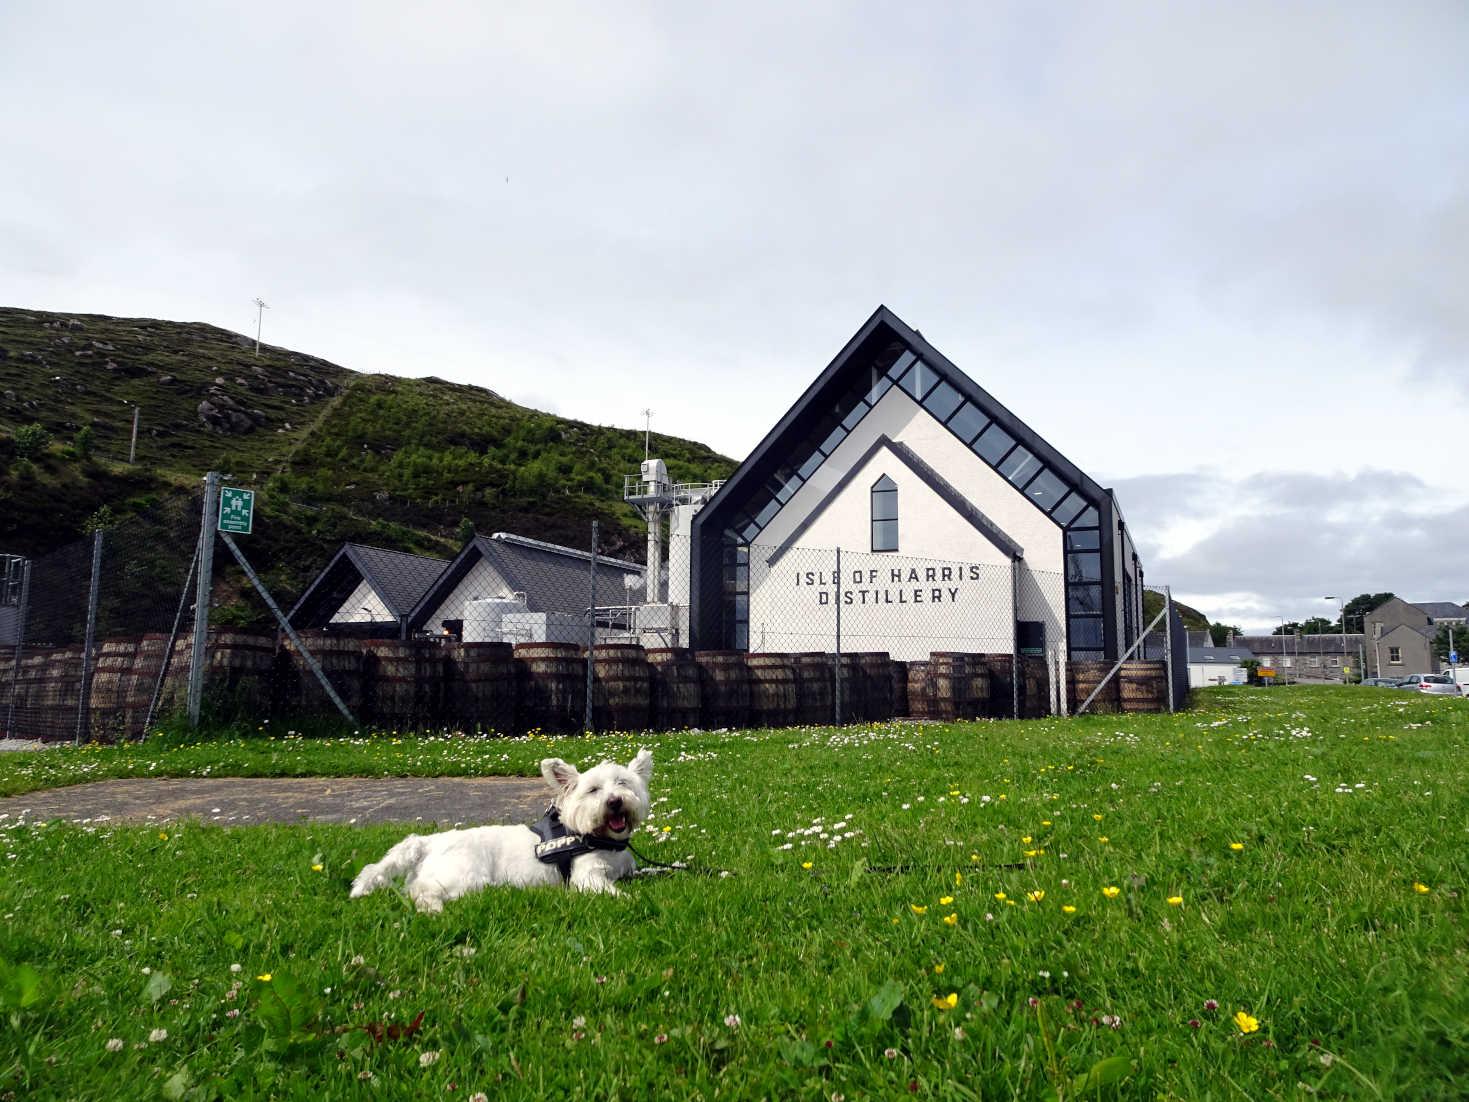 poppy the westie outside the Isle of Harris Distilery